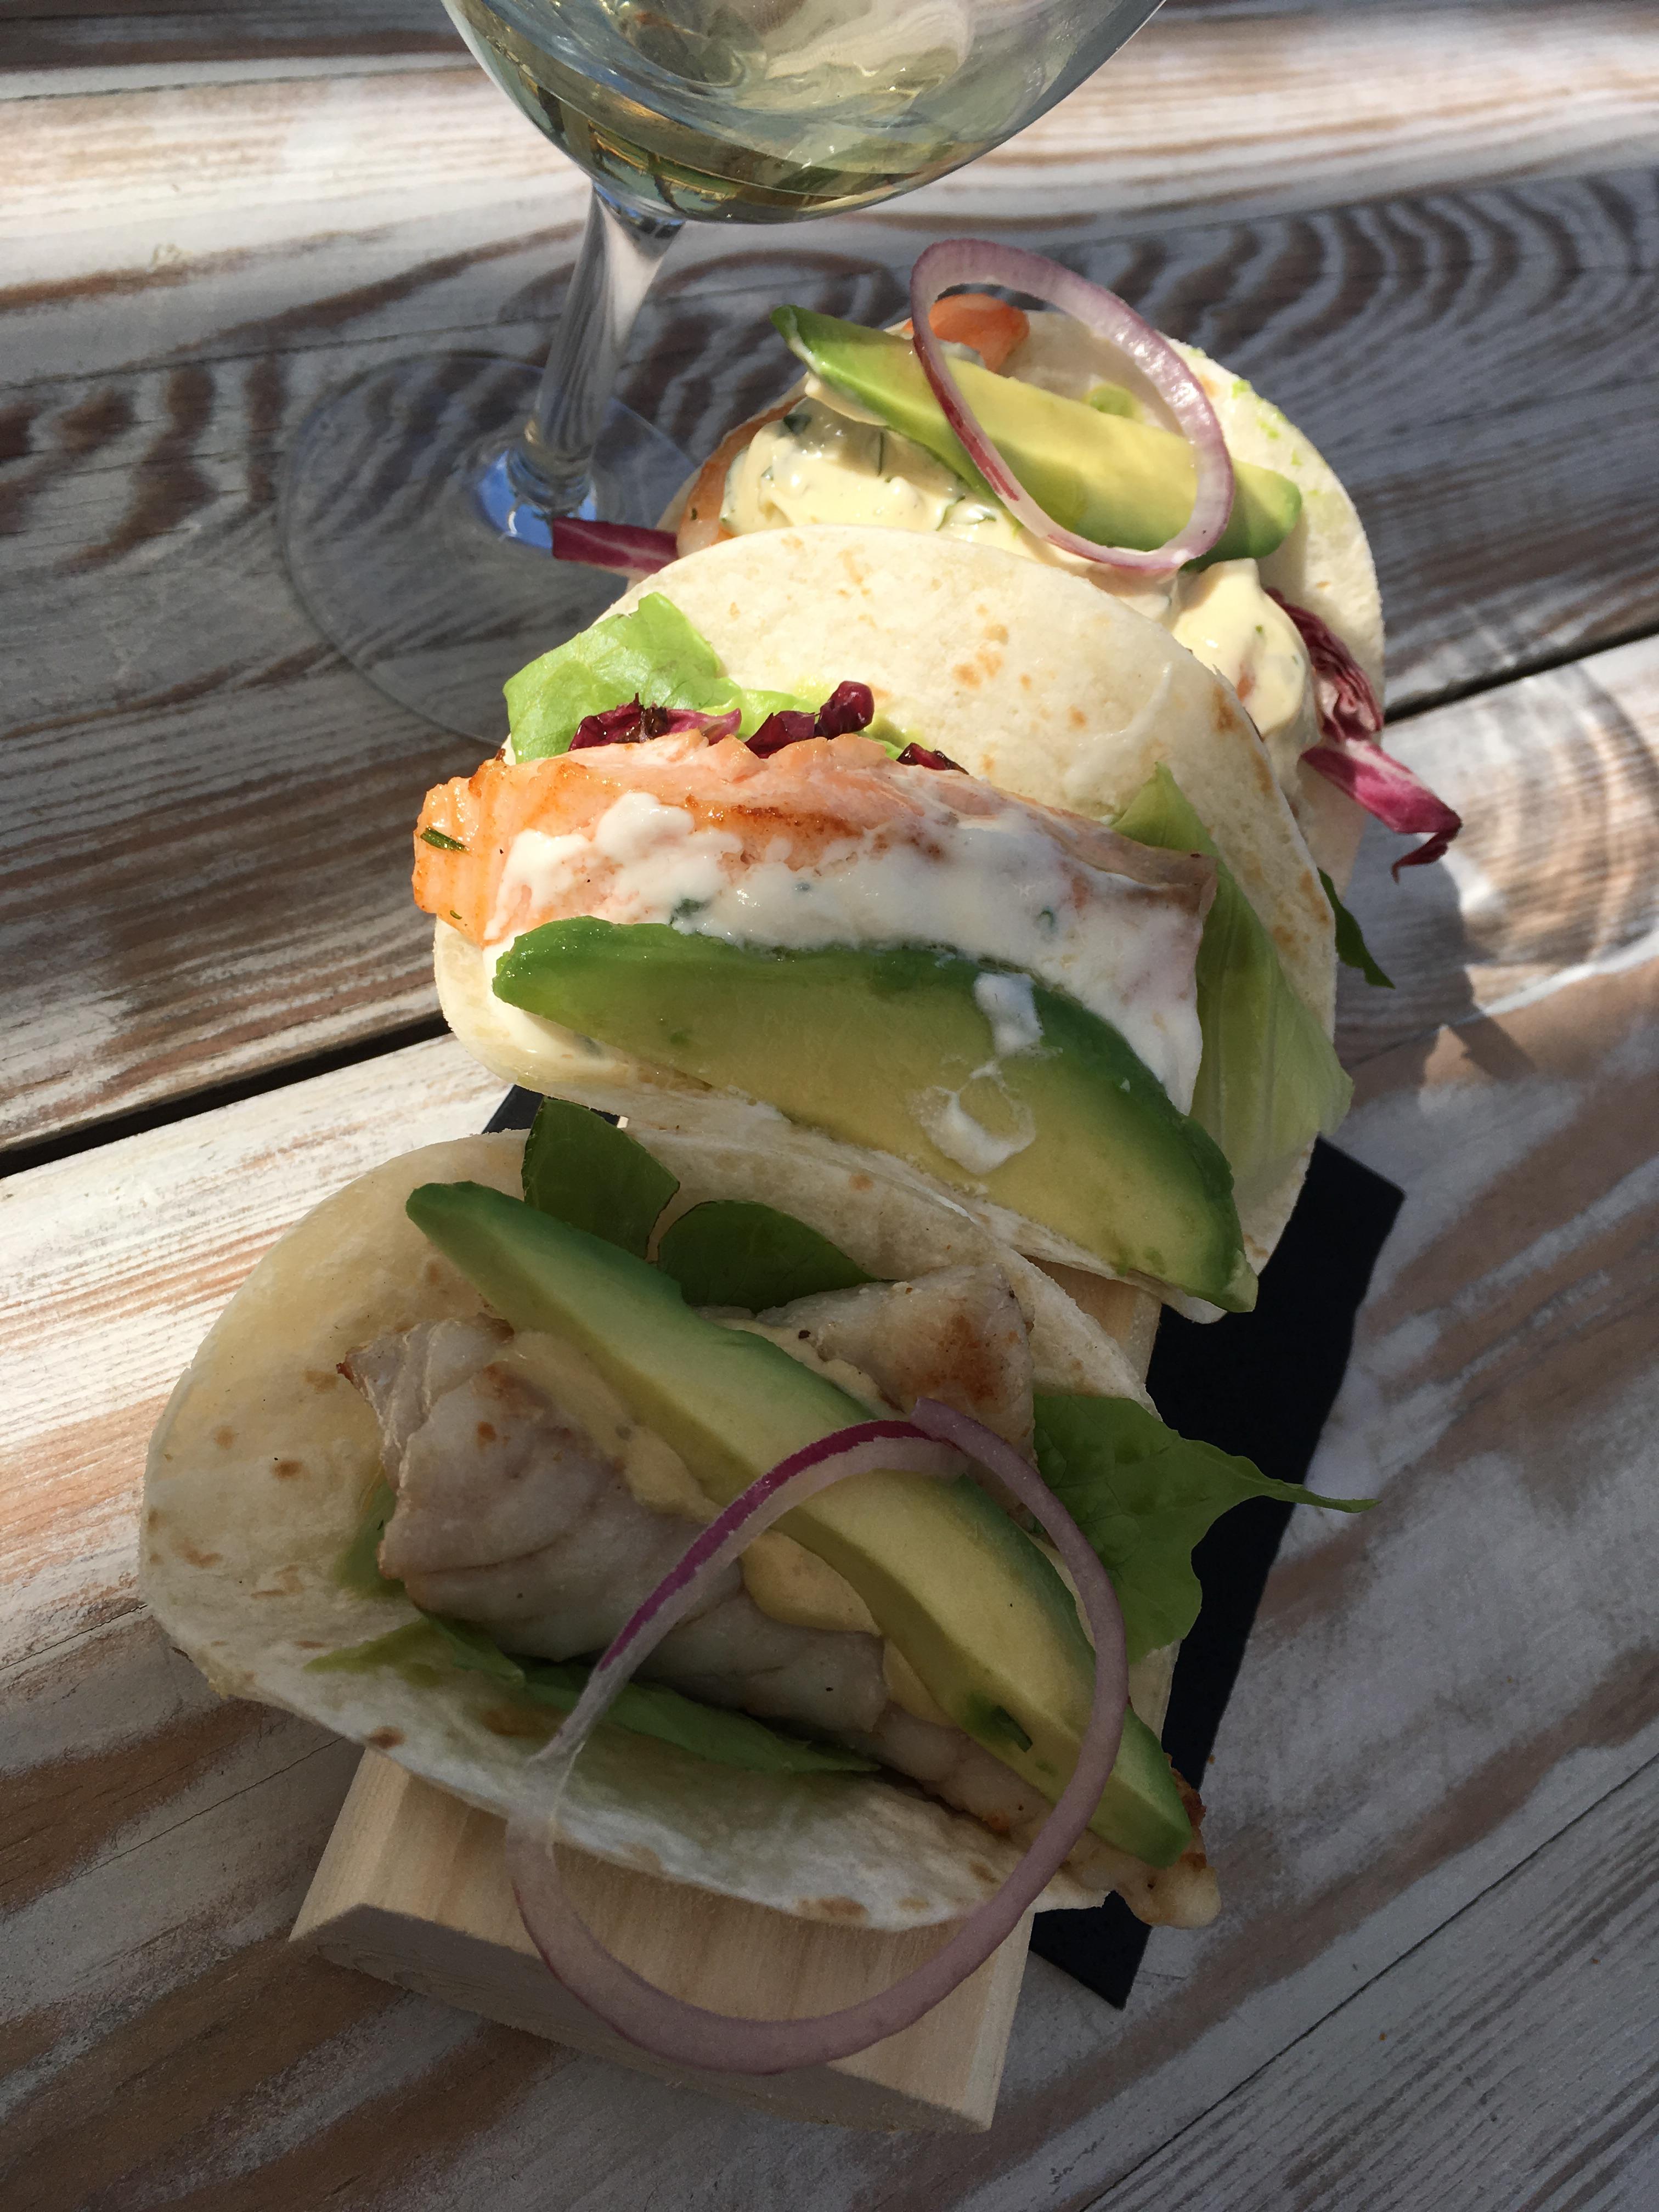 Tacos di pesce - SeaFood Festival al Gilda on The Beach di Fregene - Orizzonte Cultura